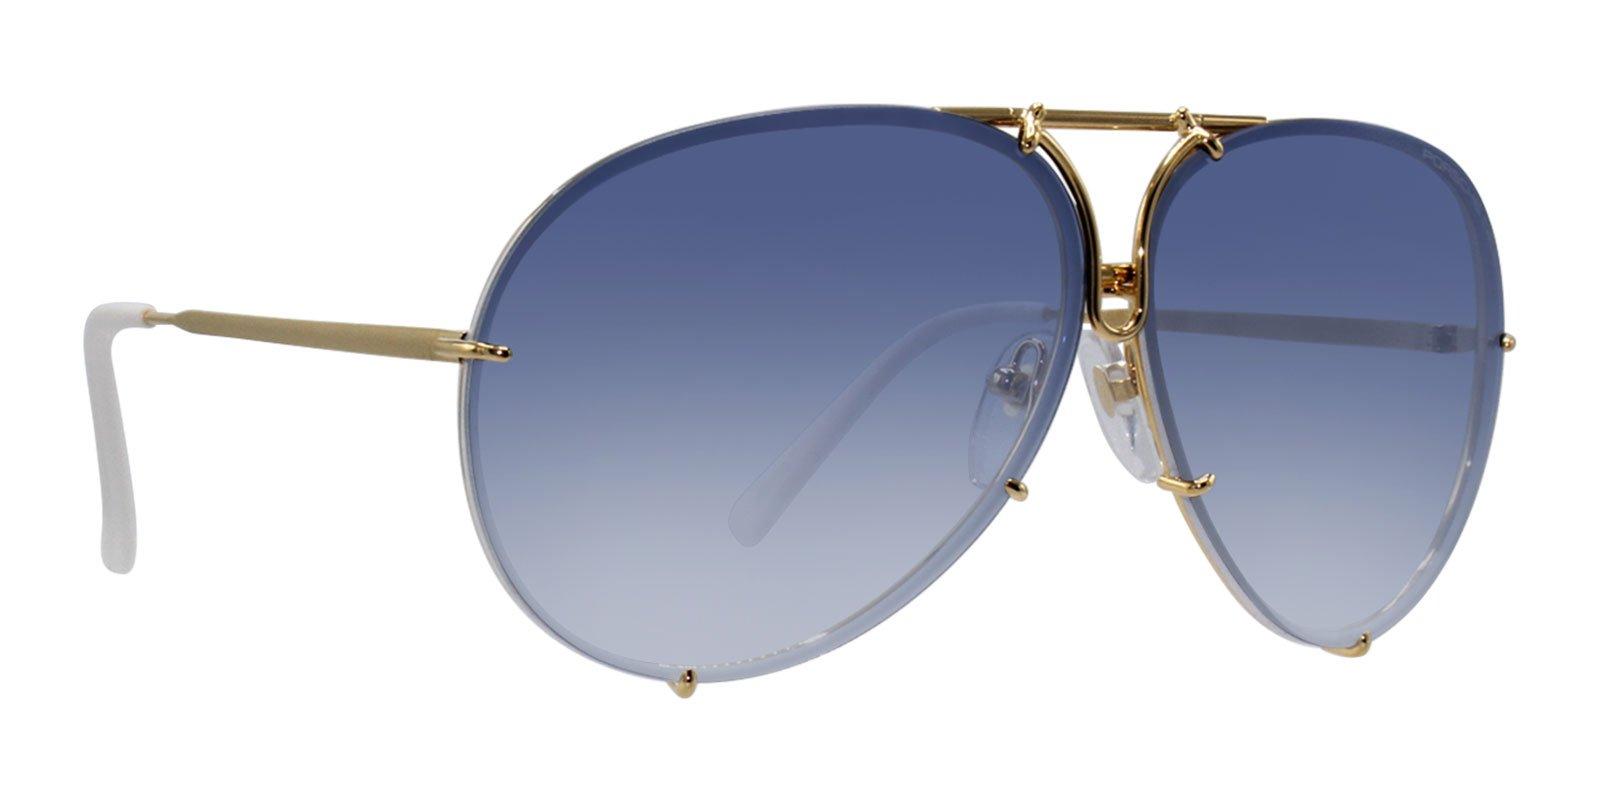 Porsche Design Sunglasses, Gold/Blue/White, 66mm